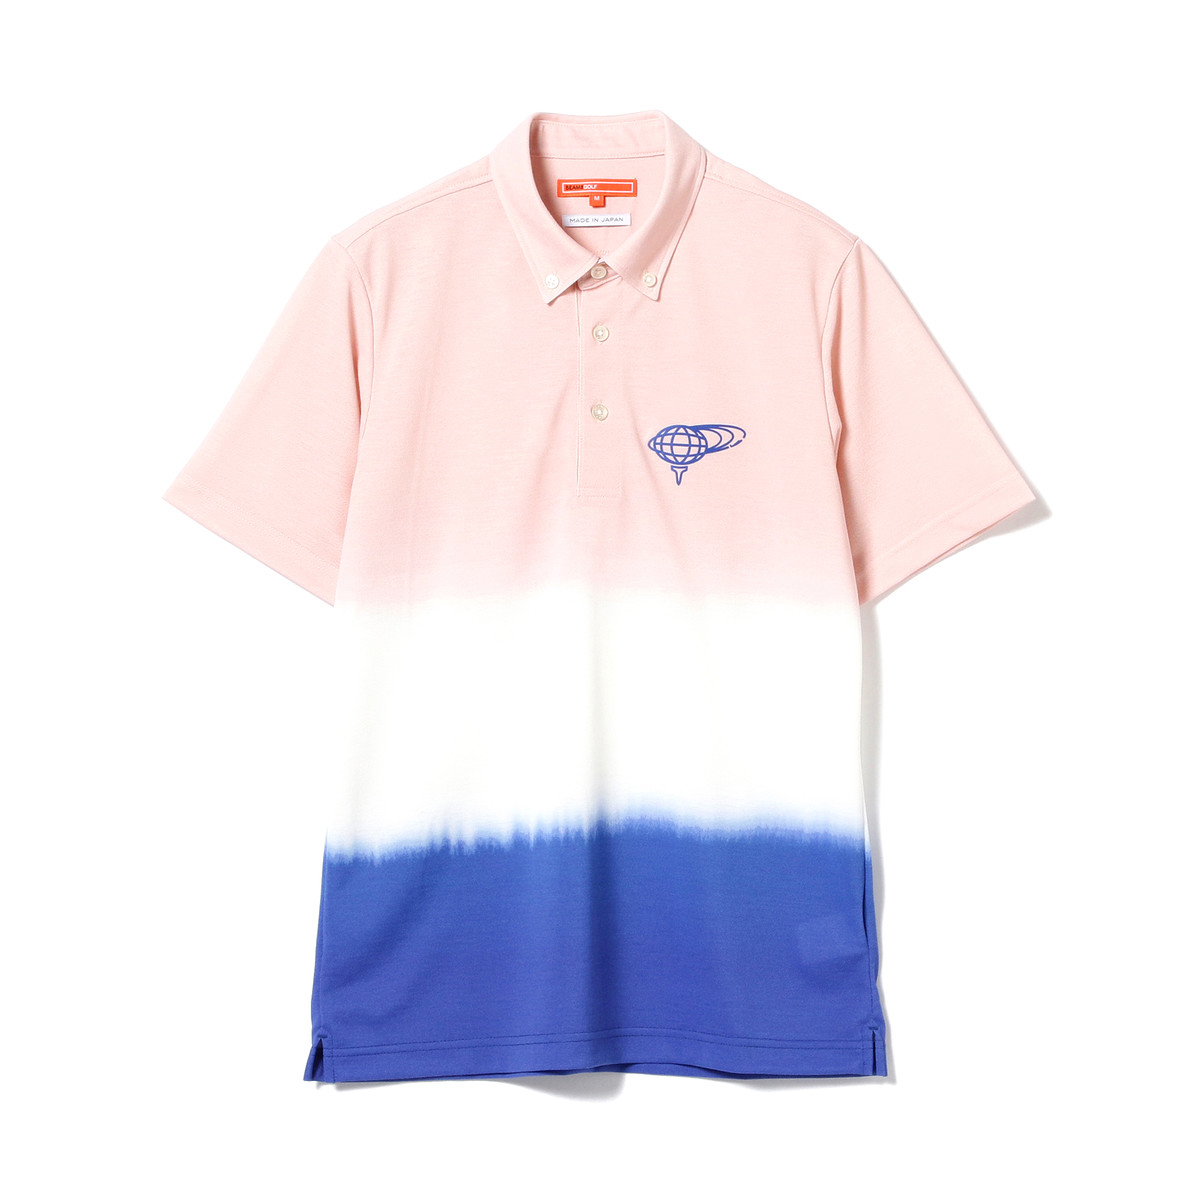 BEAMS GOLF ORANGE LABEL グラデーション ボタンダウン ポロシャツ